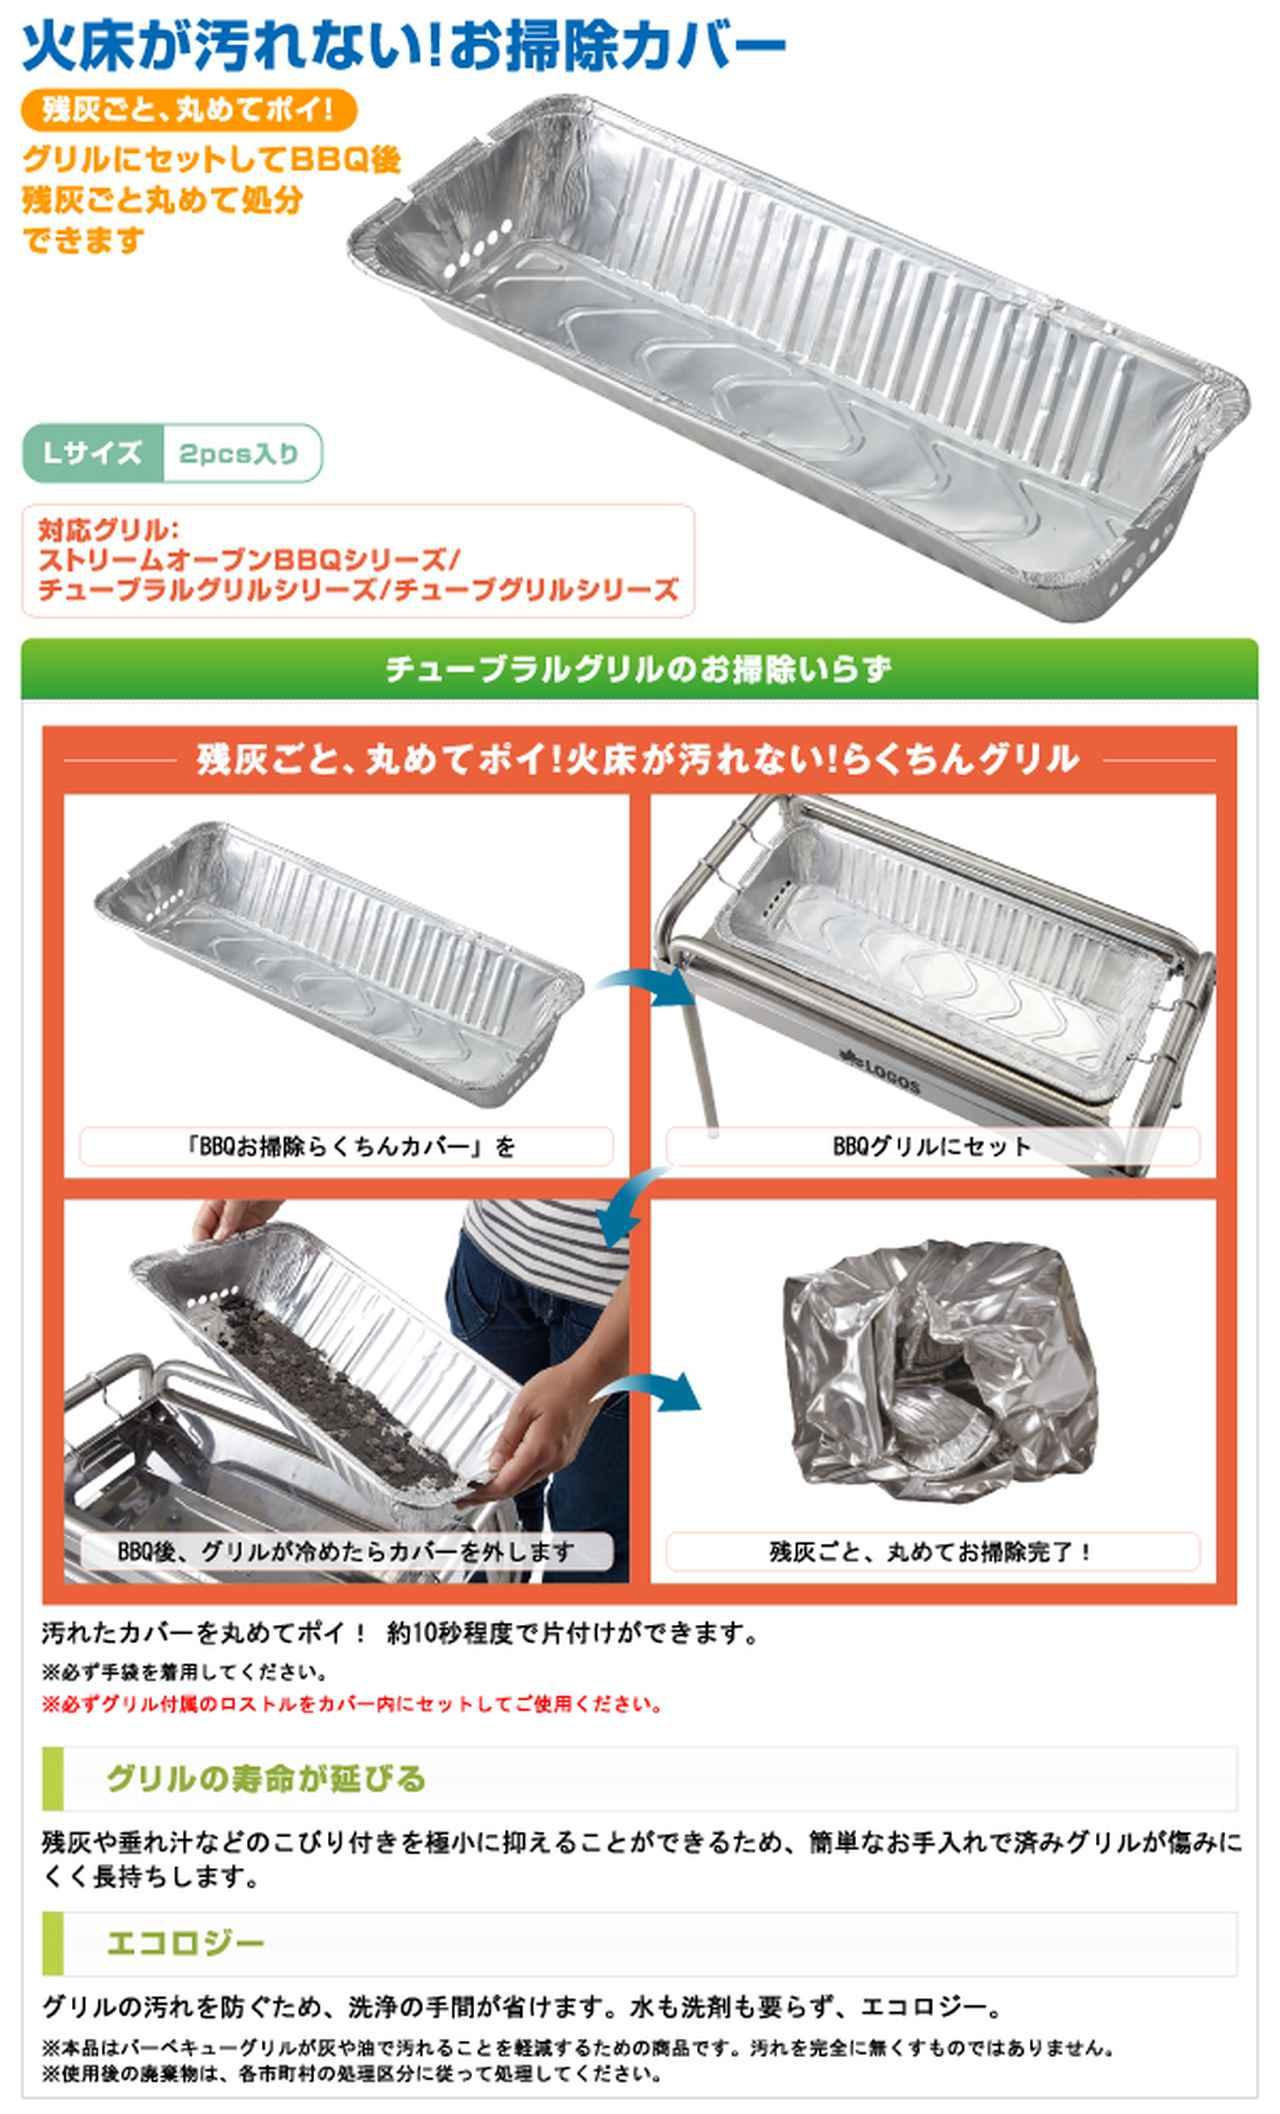 画像: eco-logosave (お掃除楽ちん)BBQ深型カバー・L(2pcs) ギア グリル・たき火・キャンドル 炭・アルミ等消耗品 製品情報 ロゴスショップ公式オンライン